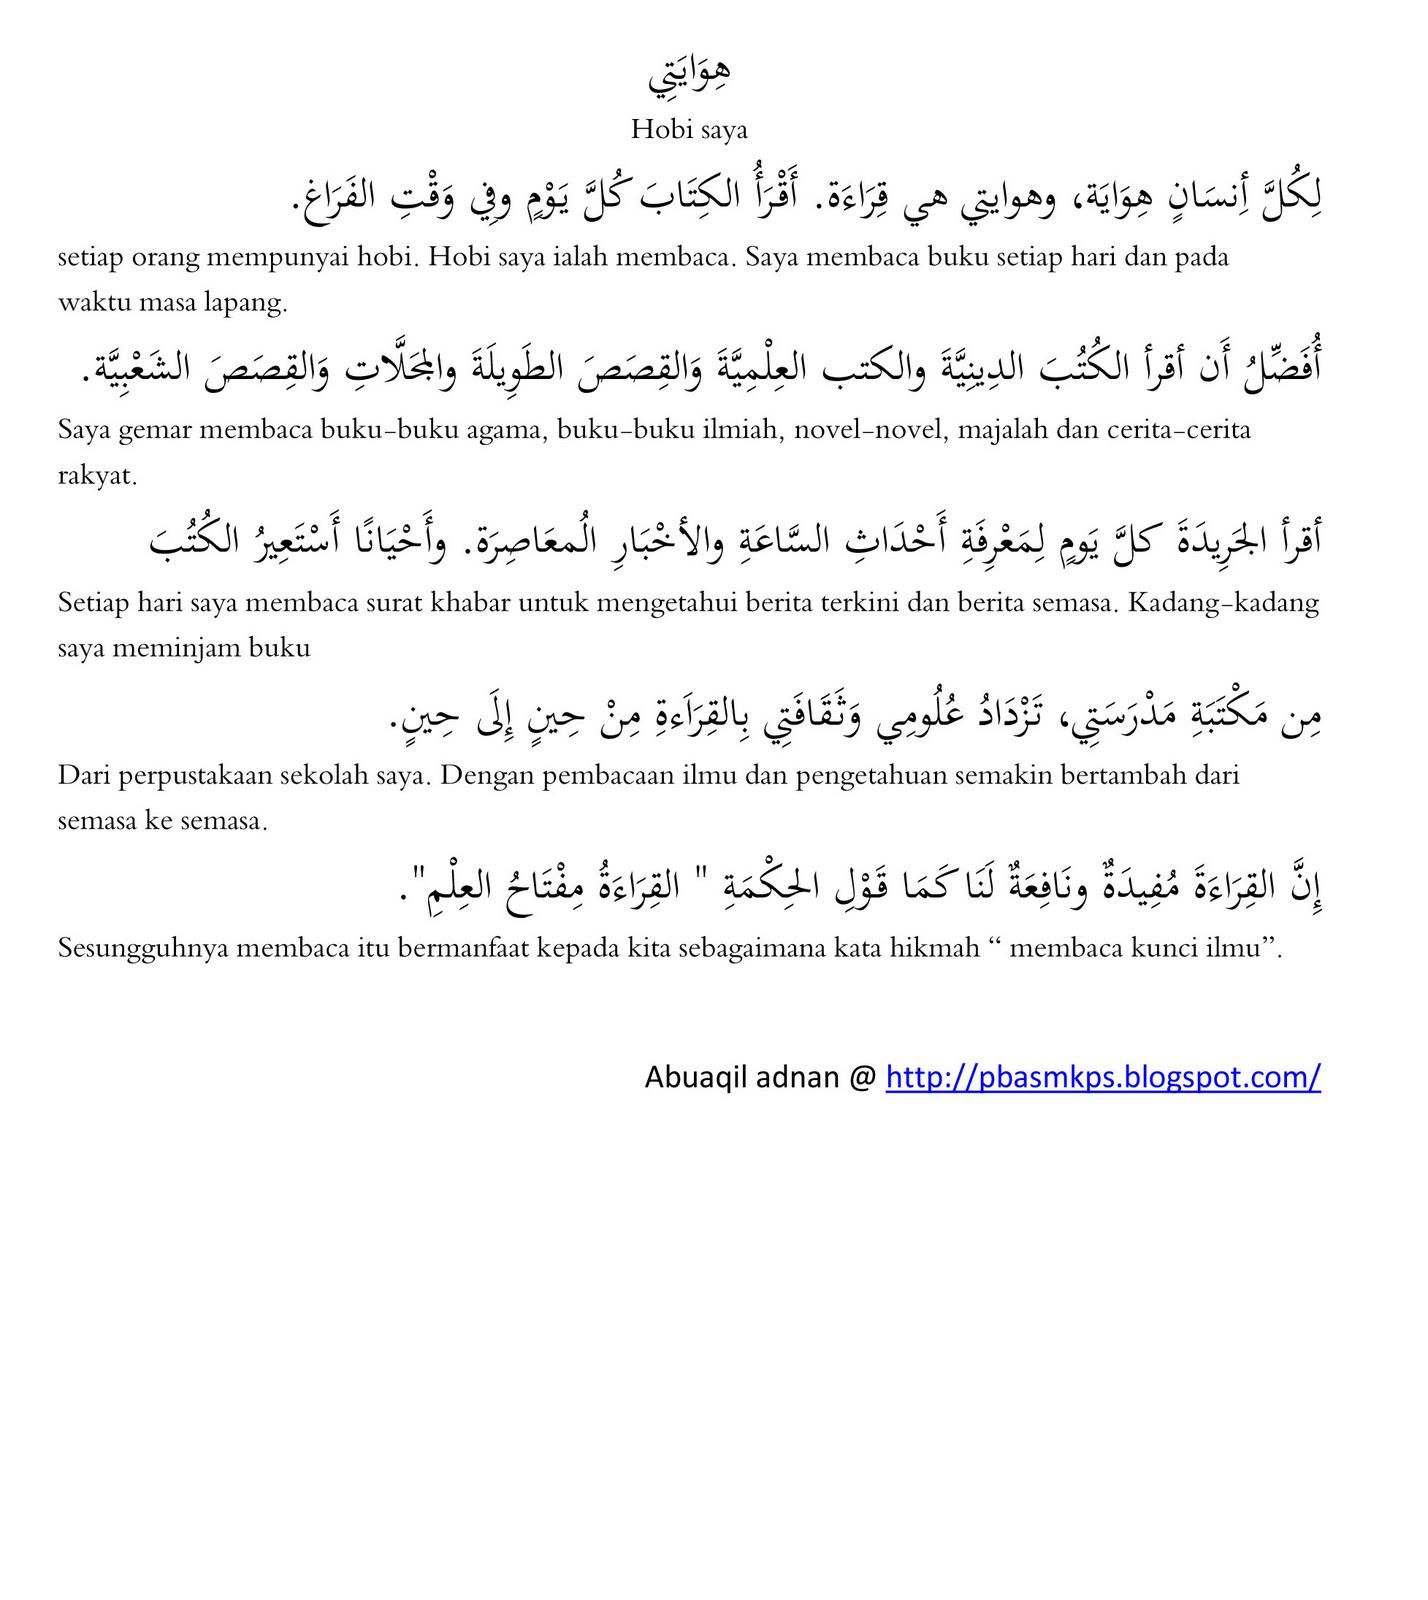 karangan hobi saya dalam bahasa arab 13 contoh karangan oleh cikgu anelyza usaha-usaha untuk  peranan ibu bapa dalam memberikan sokongan dan dor langkah-langkah  keluarga impian saya.